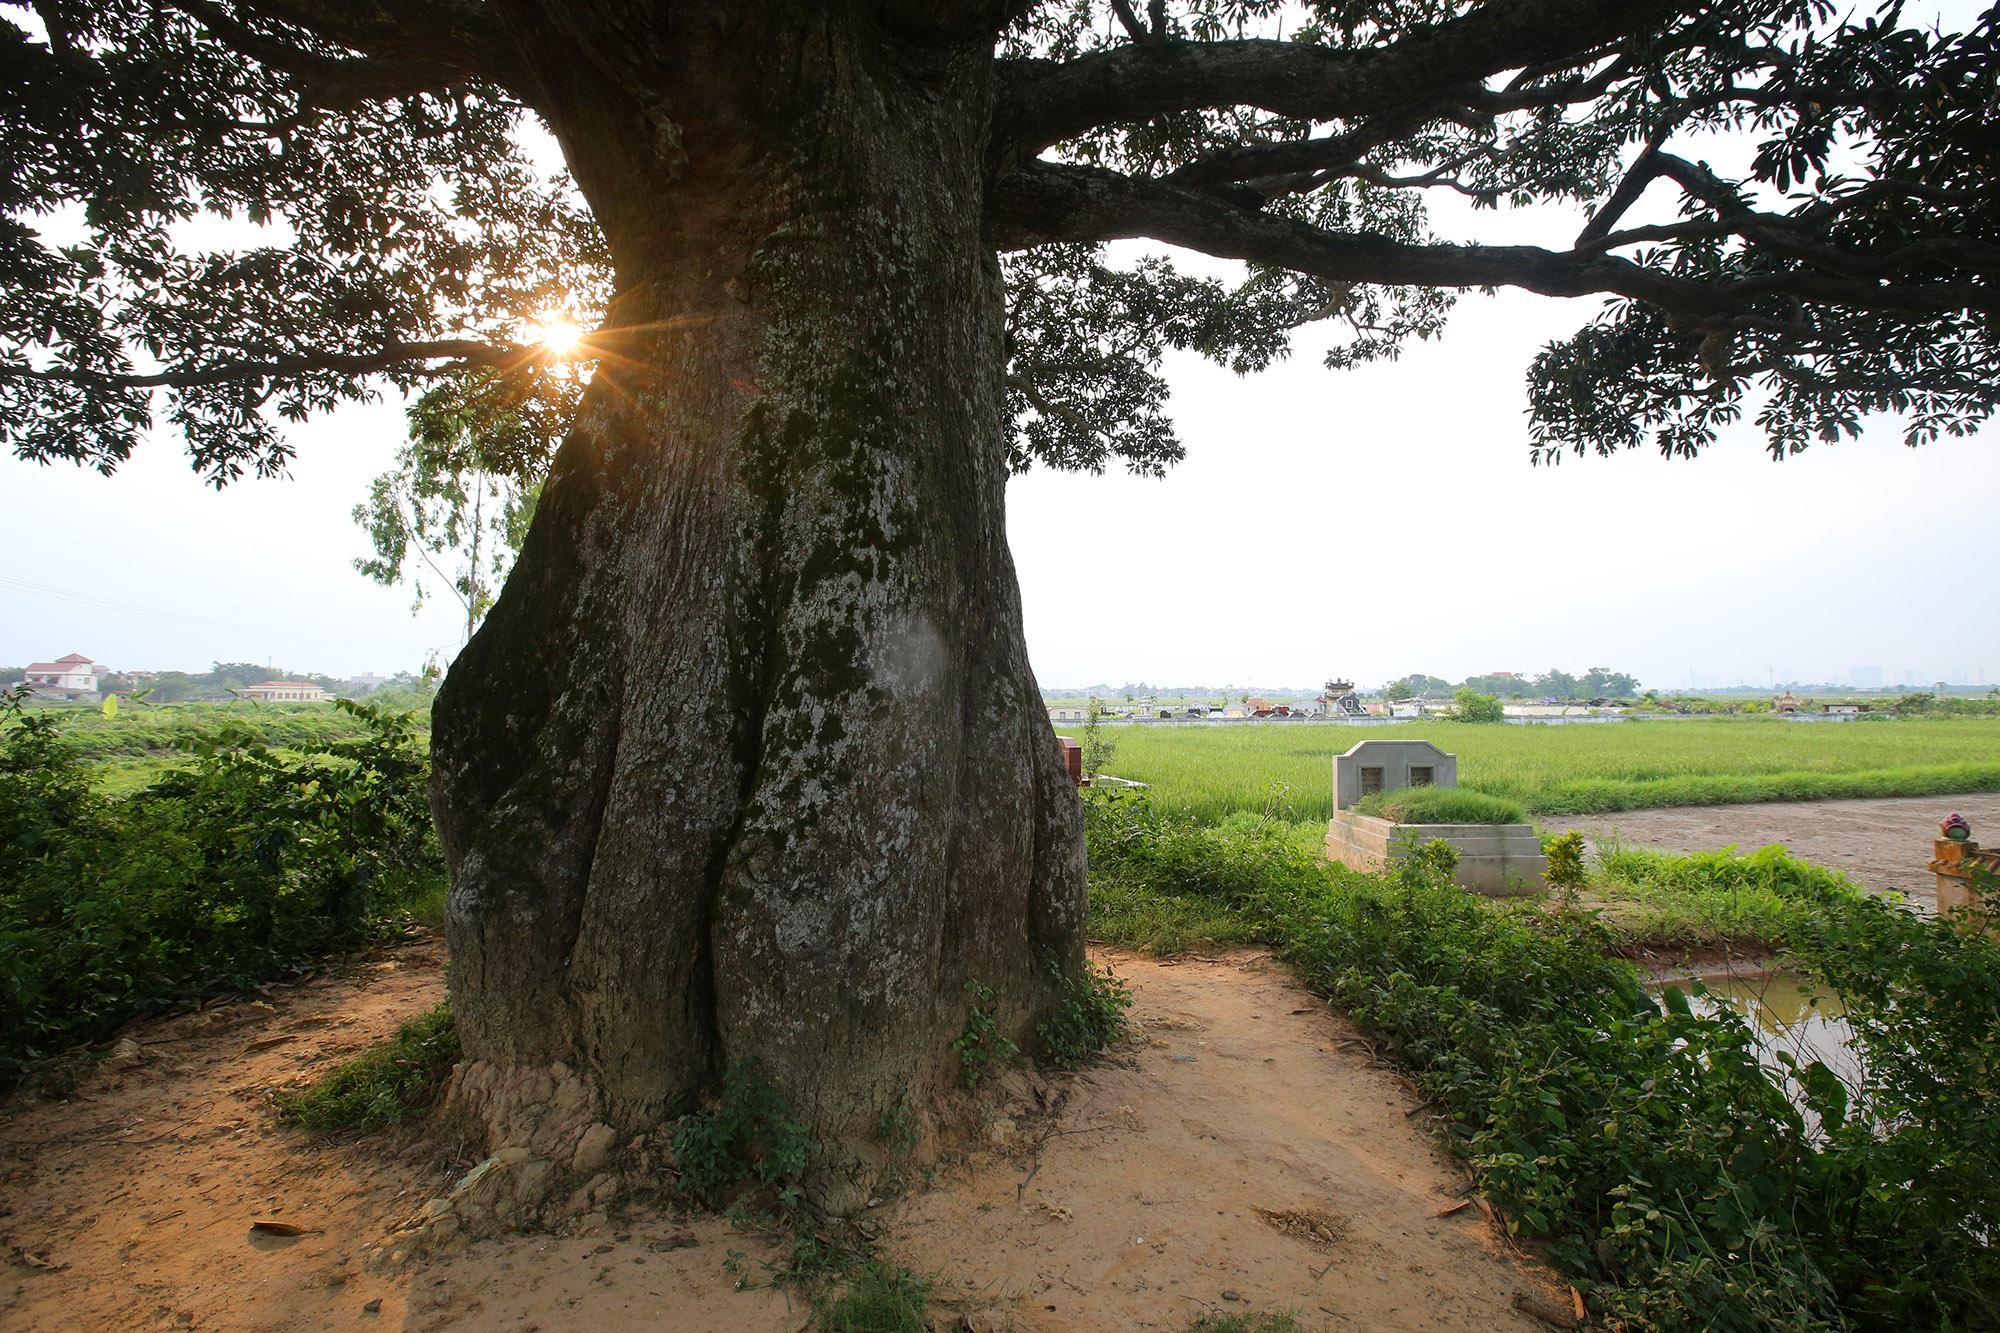 Hà Nội: Cây trôi cô đơn nghìn năm tuổi, báu vật của làng Bình Đà - 3